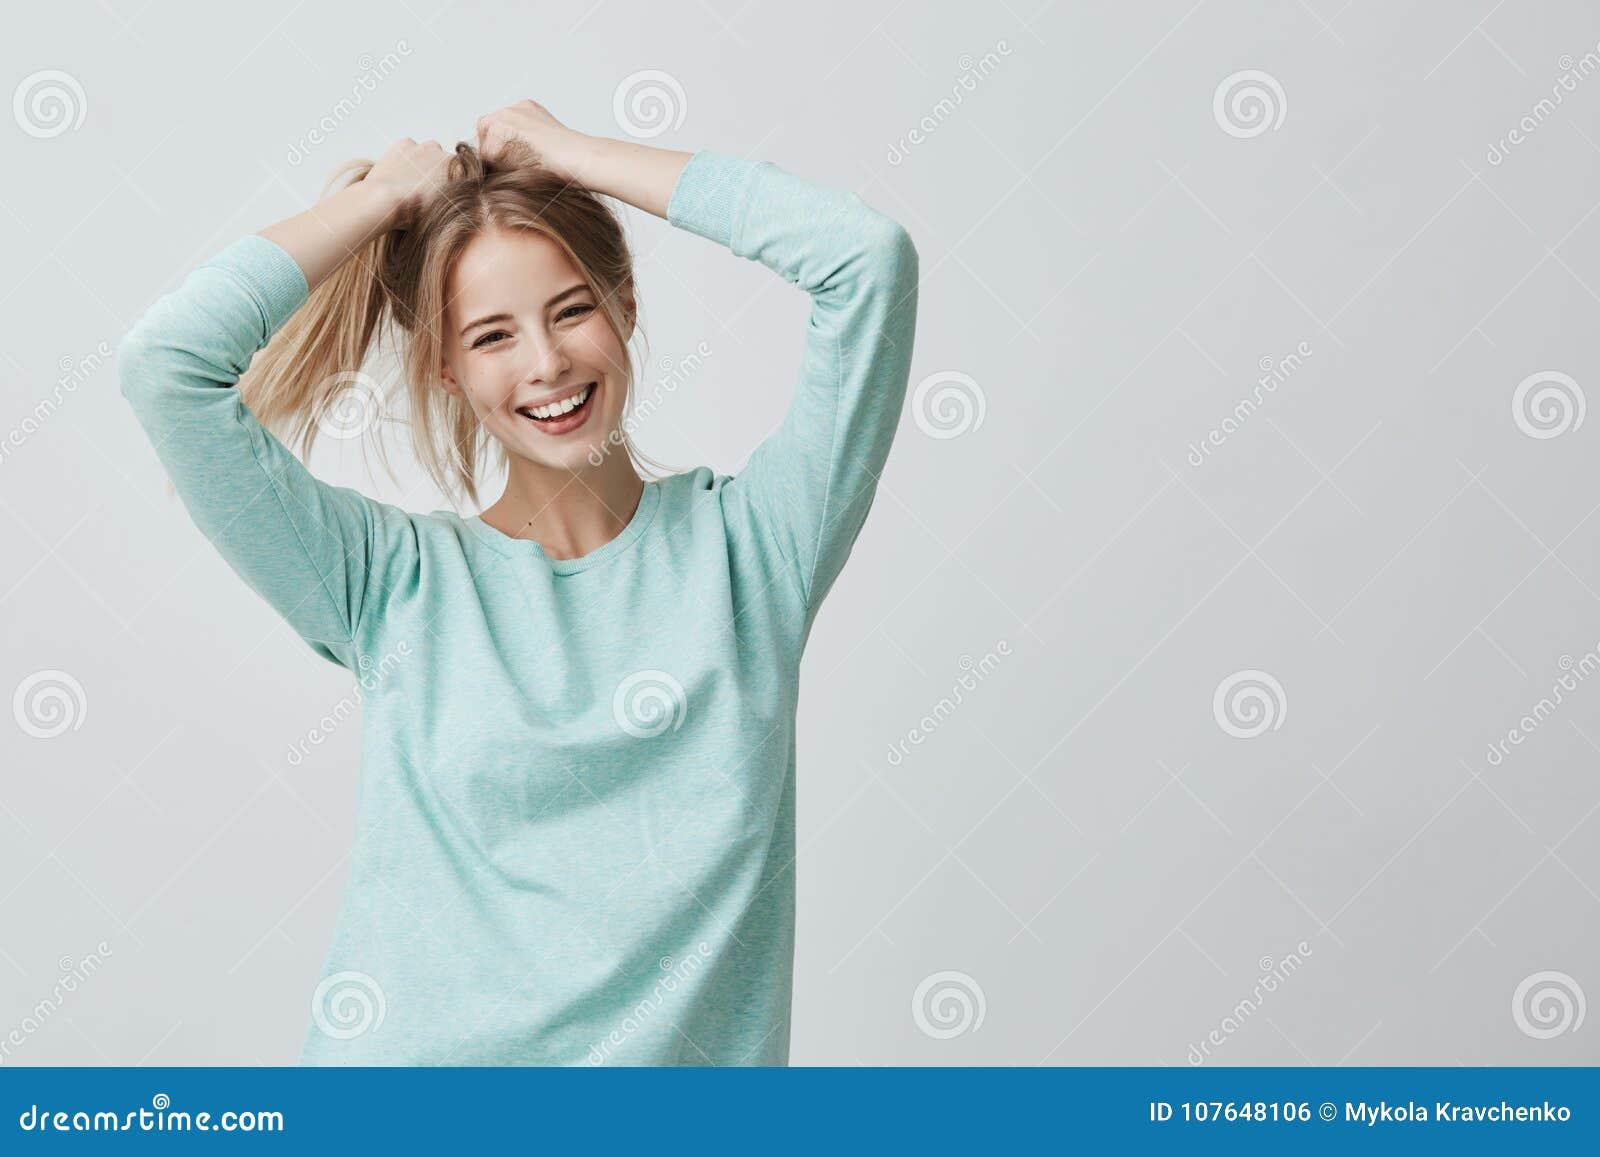 Espressioni ed emozioni del viso umano La giovane bella femmina positiva  con capelli diritti biondi tinti in coda di cavallo si è vestita in  abbigliamento ... e04cd35f6c94